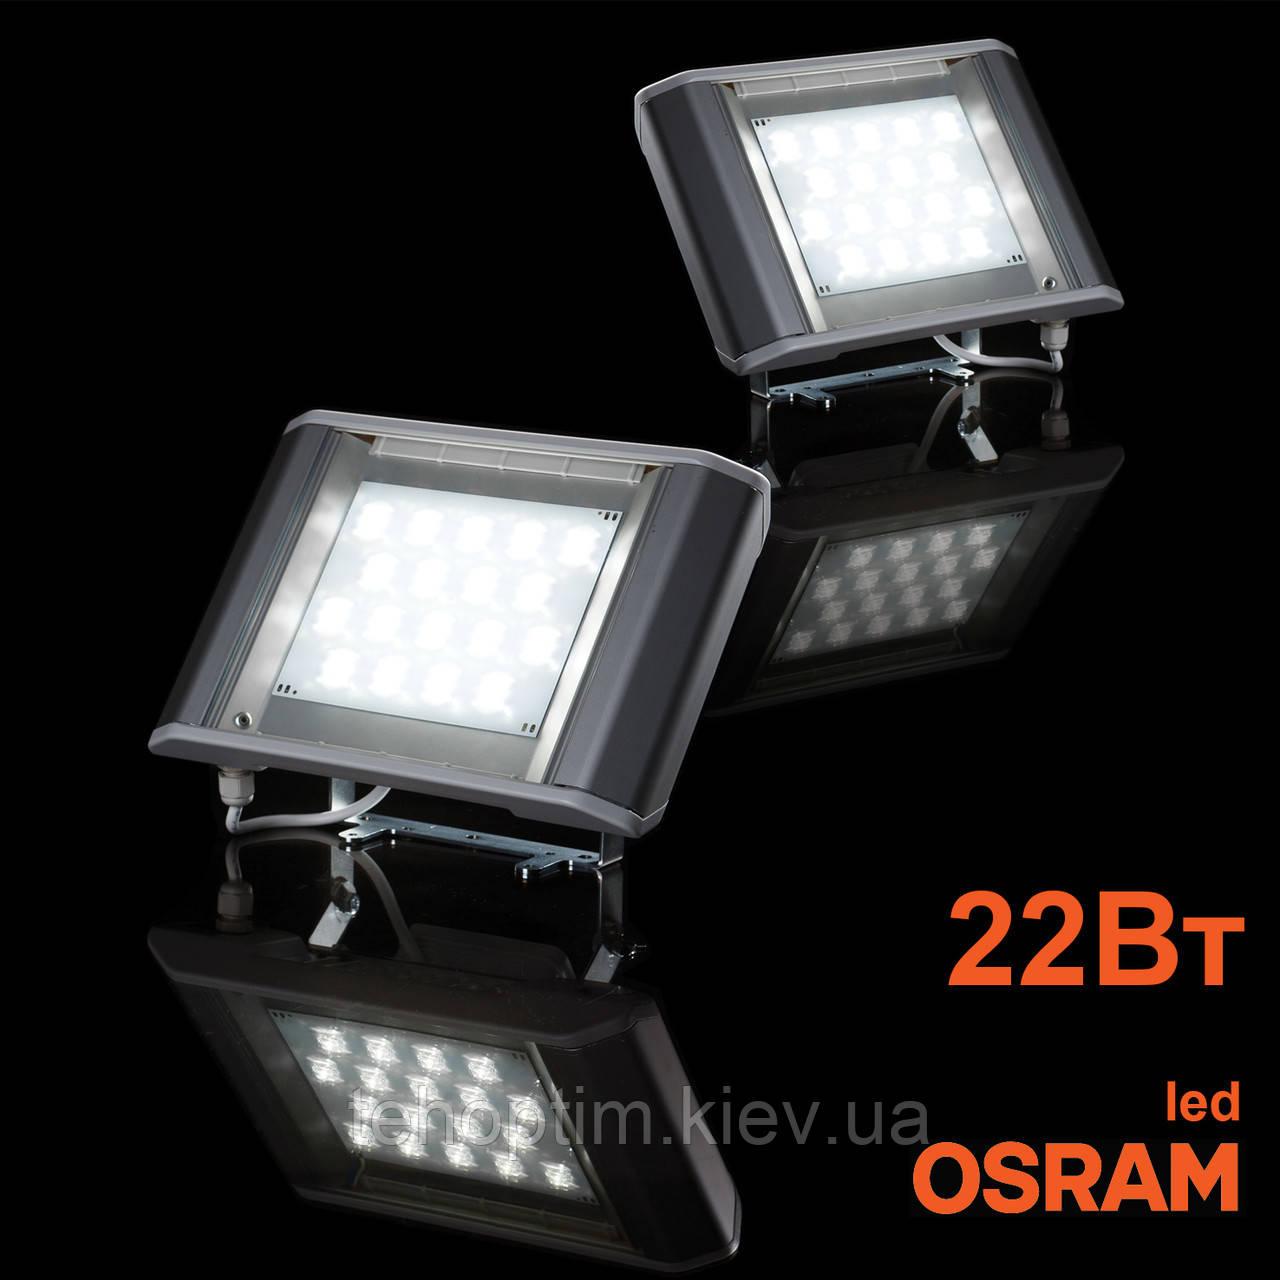 Светодиодный прожектор 22Вт TOP-Street 22-18GDozlon